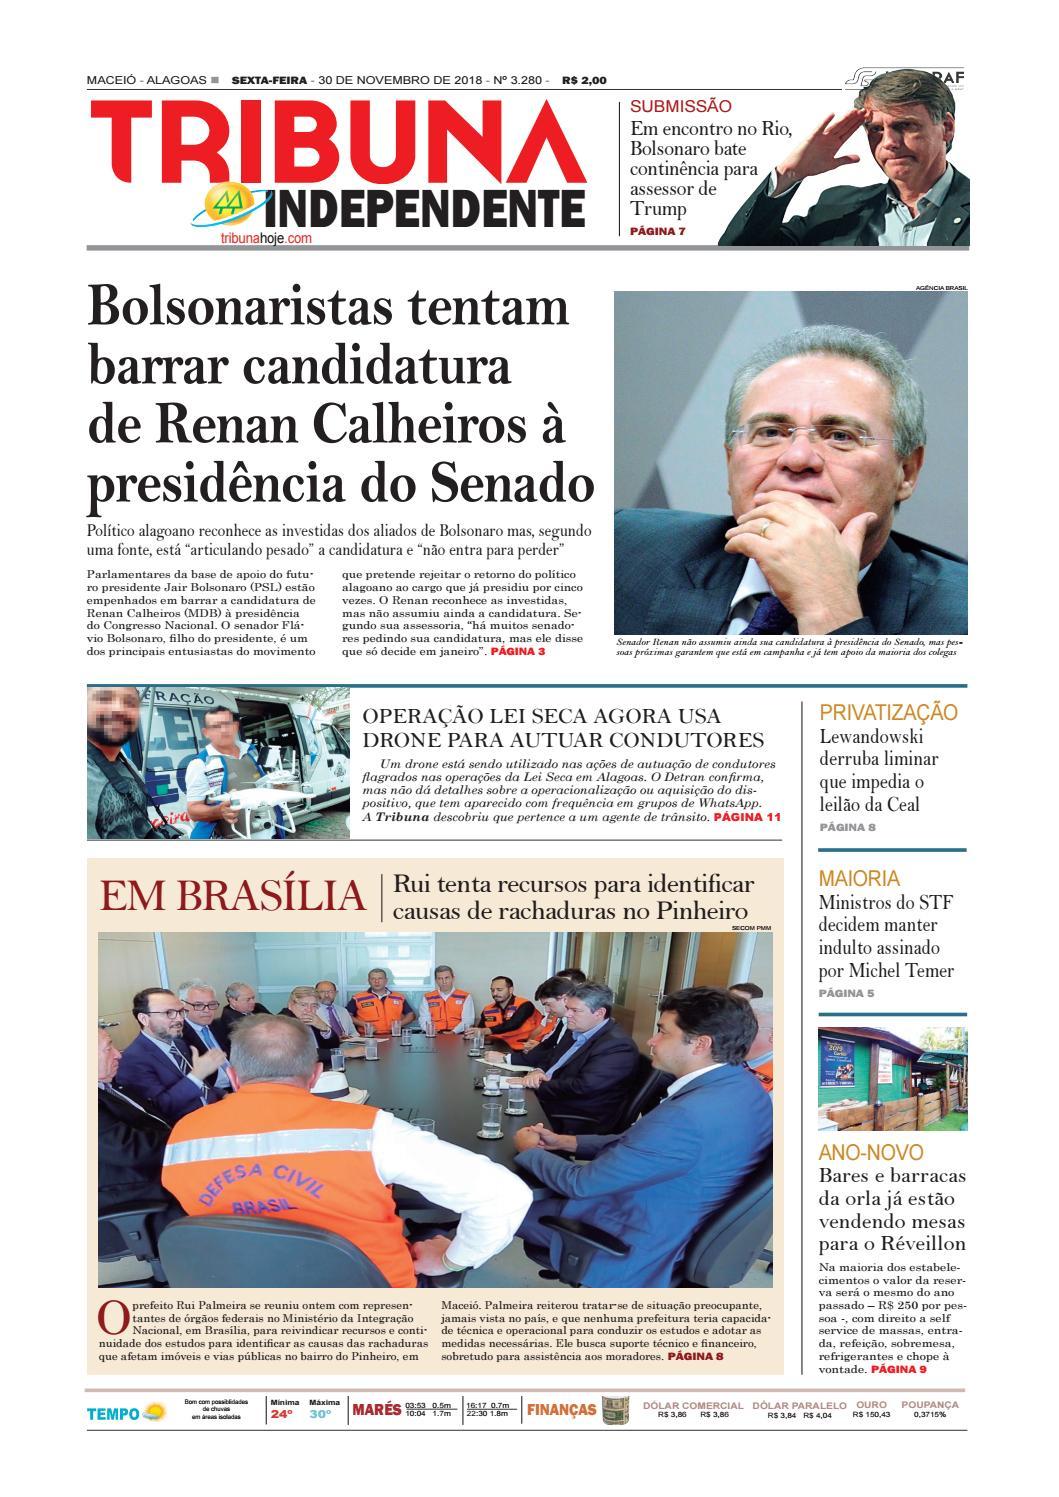 Edição número 3280 - 30 de novembro de 2018 by Tribuna Hoje - issuu a34b8d9f3387e